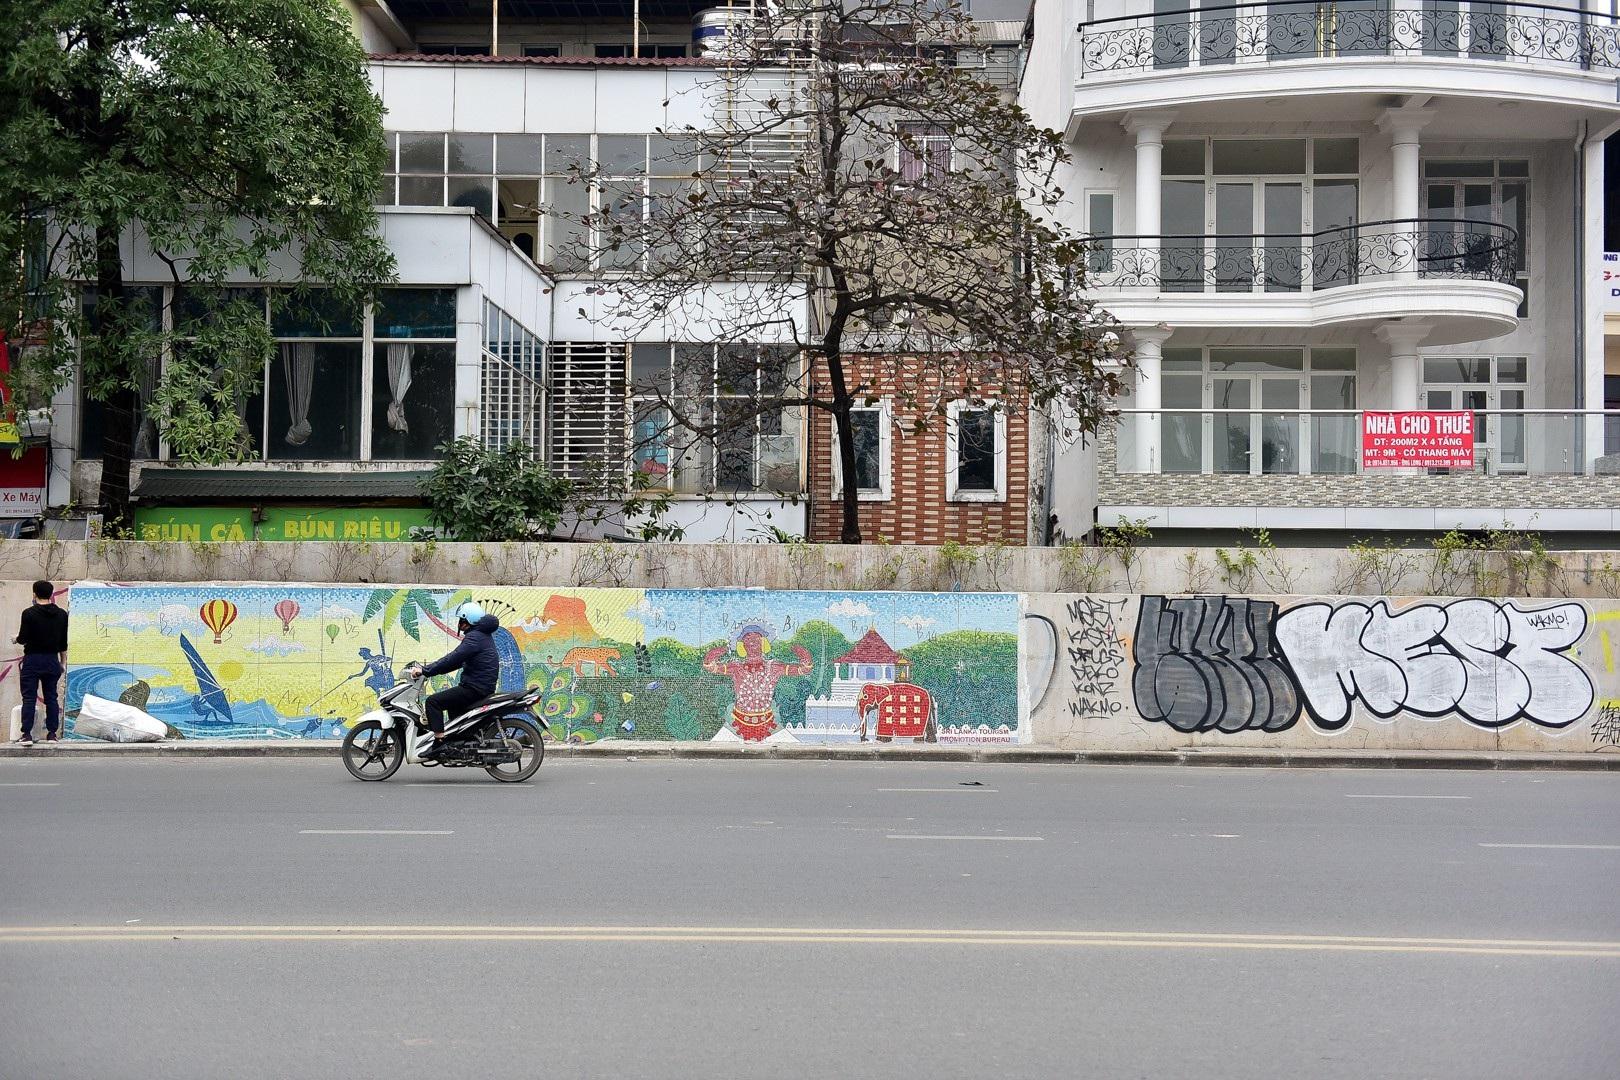 Vẽ graffiti kín tuyến đường tiền tỷ mới mở rộng ở Hà Nội - Ảnh 11.